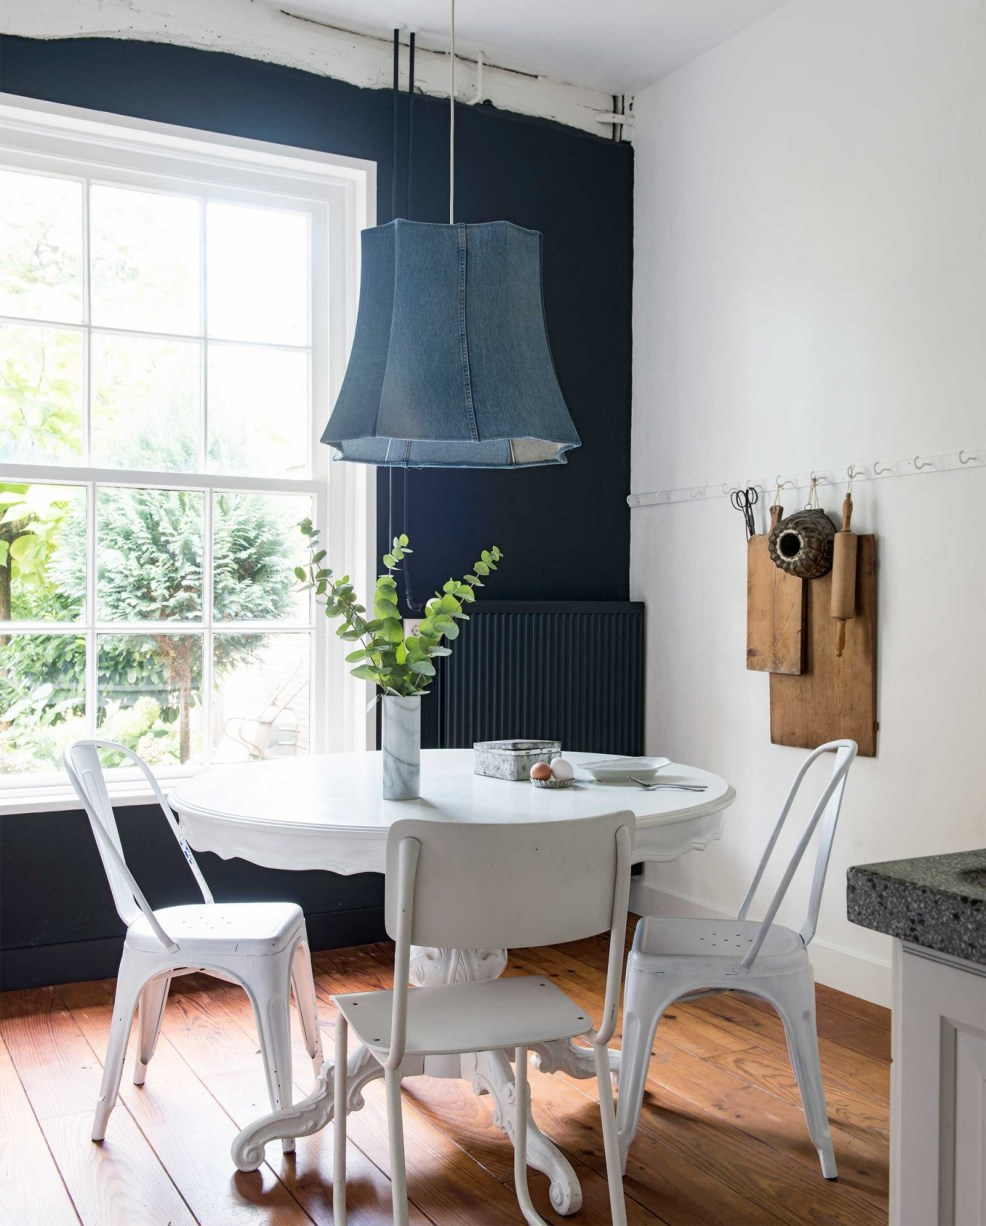 Une jolie salle à manger au style légèrement rustique, avec ses chaises dépareillées et ses objets rétro. Retrouvez toutes les photos de cette cuisine inspirante dans l'article.